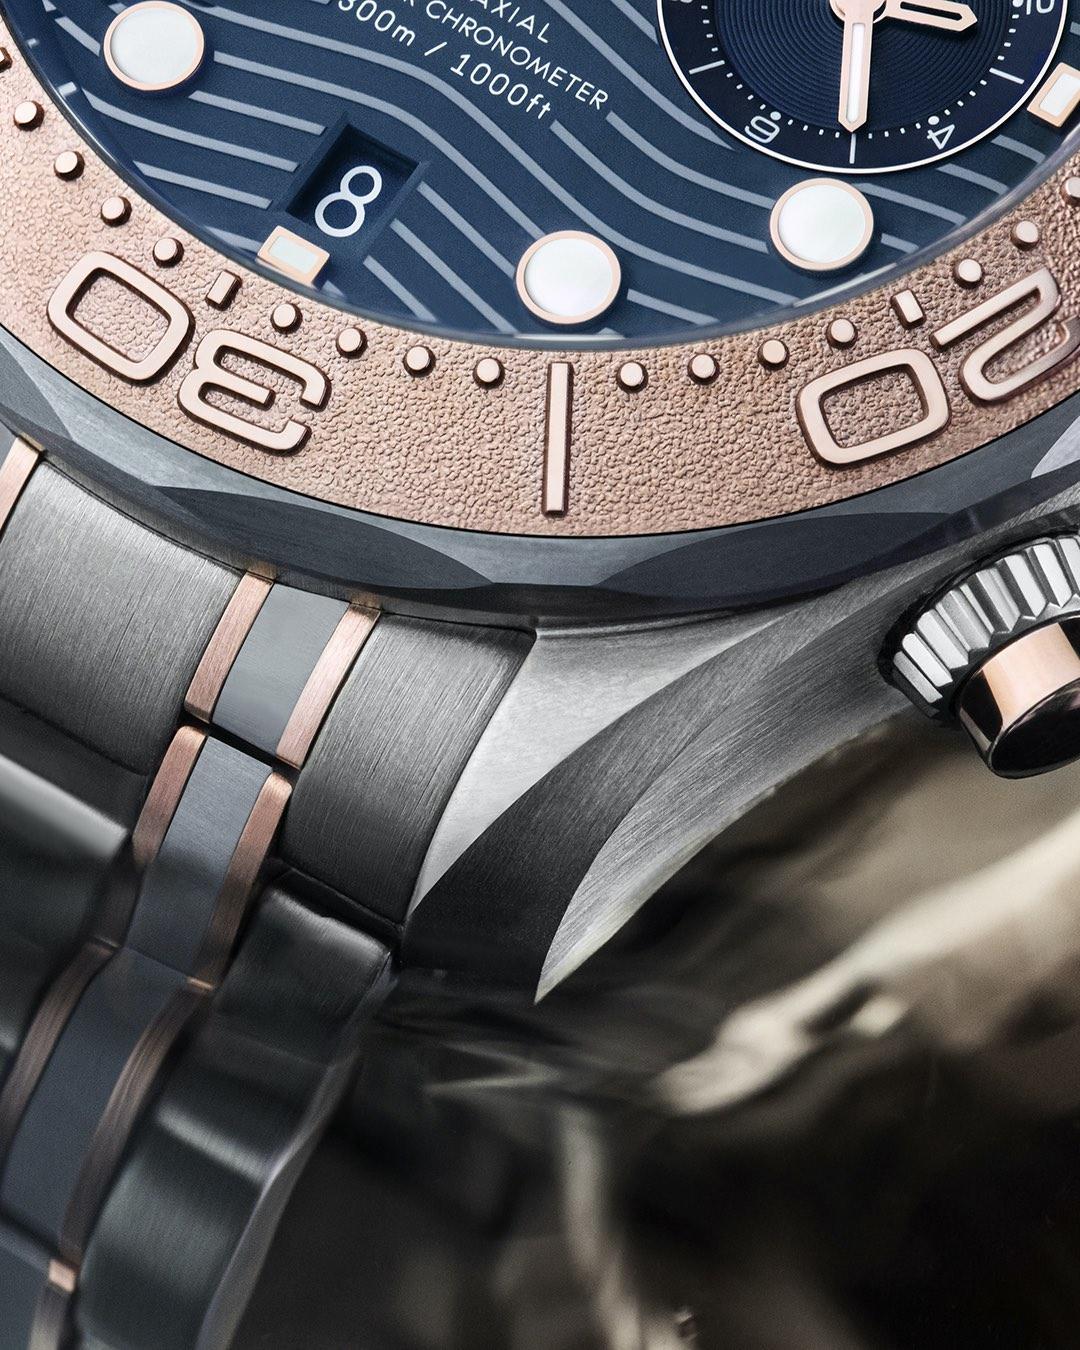 Omega Seamaster Diver 300m Chronograph sedna gold titanium tantalum - 5